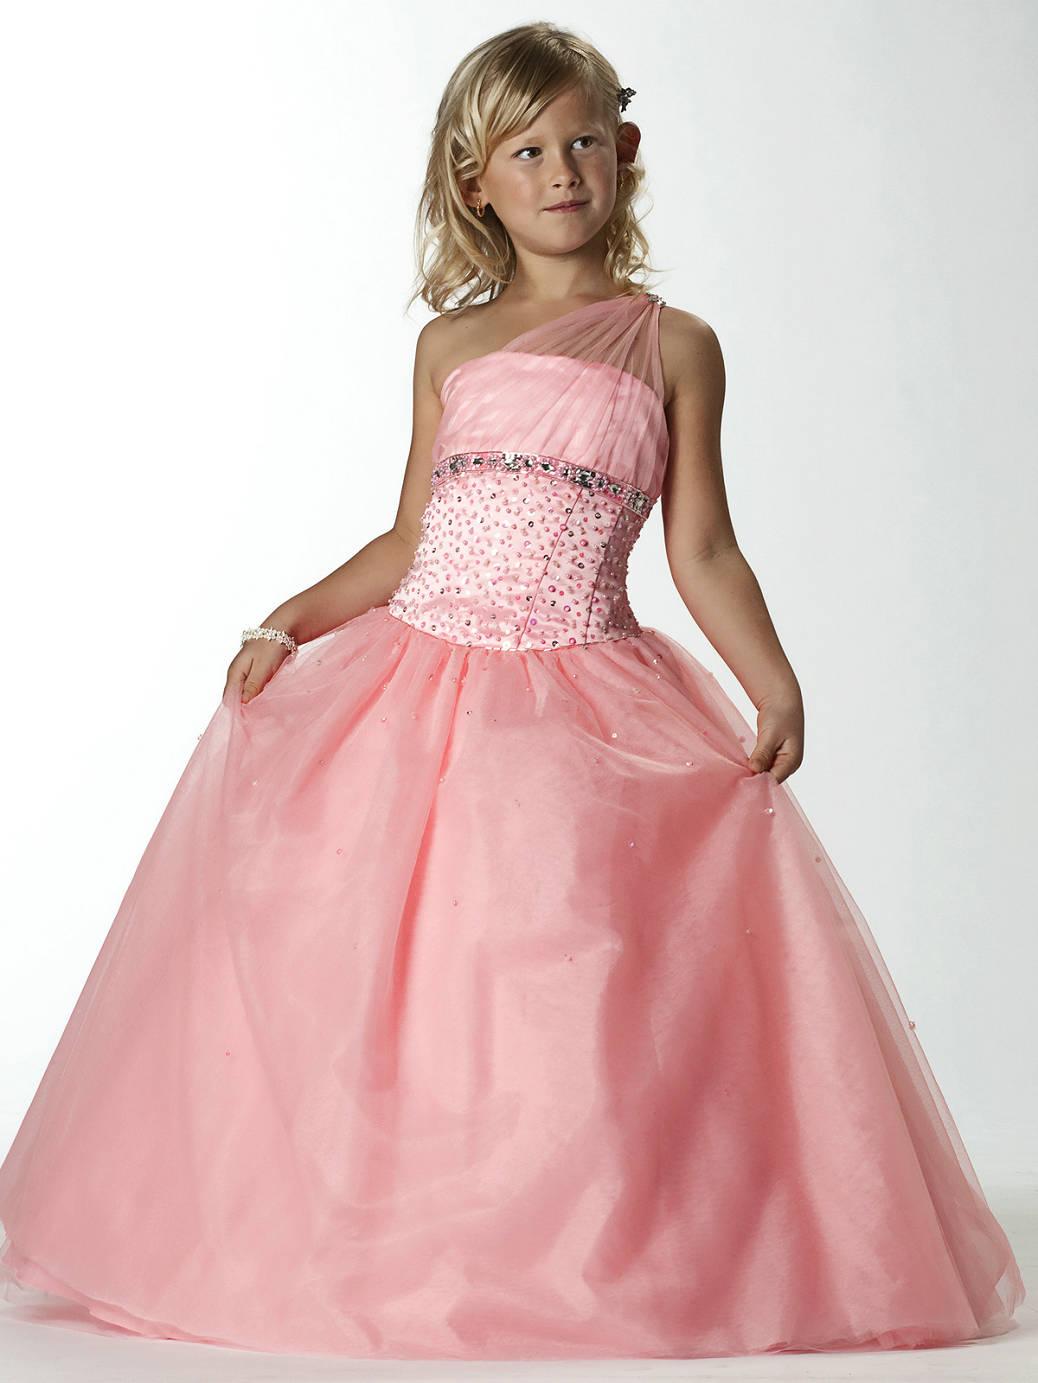 Perfecto Vestidos De Fiesta En Ohio Patrón - Colección de Vestidos ...